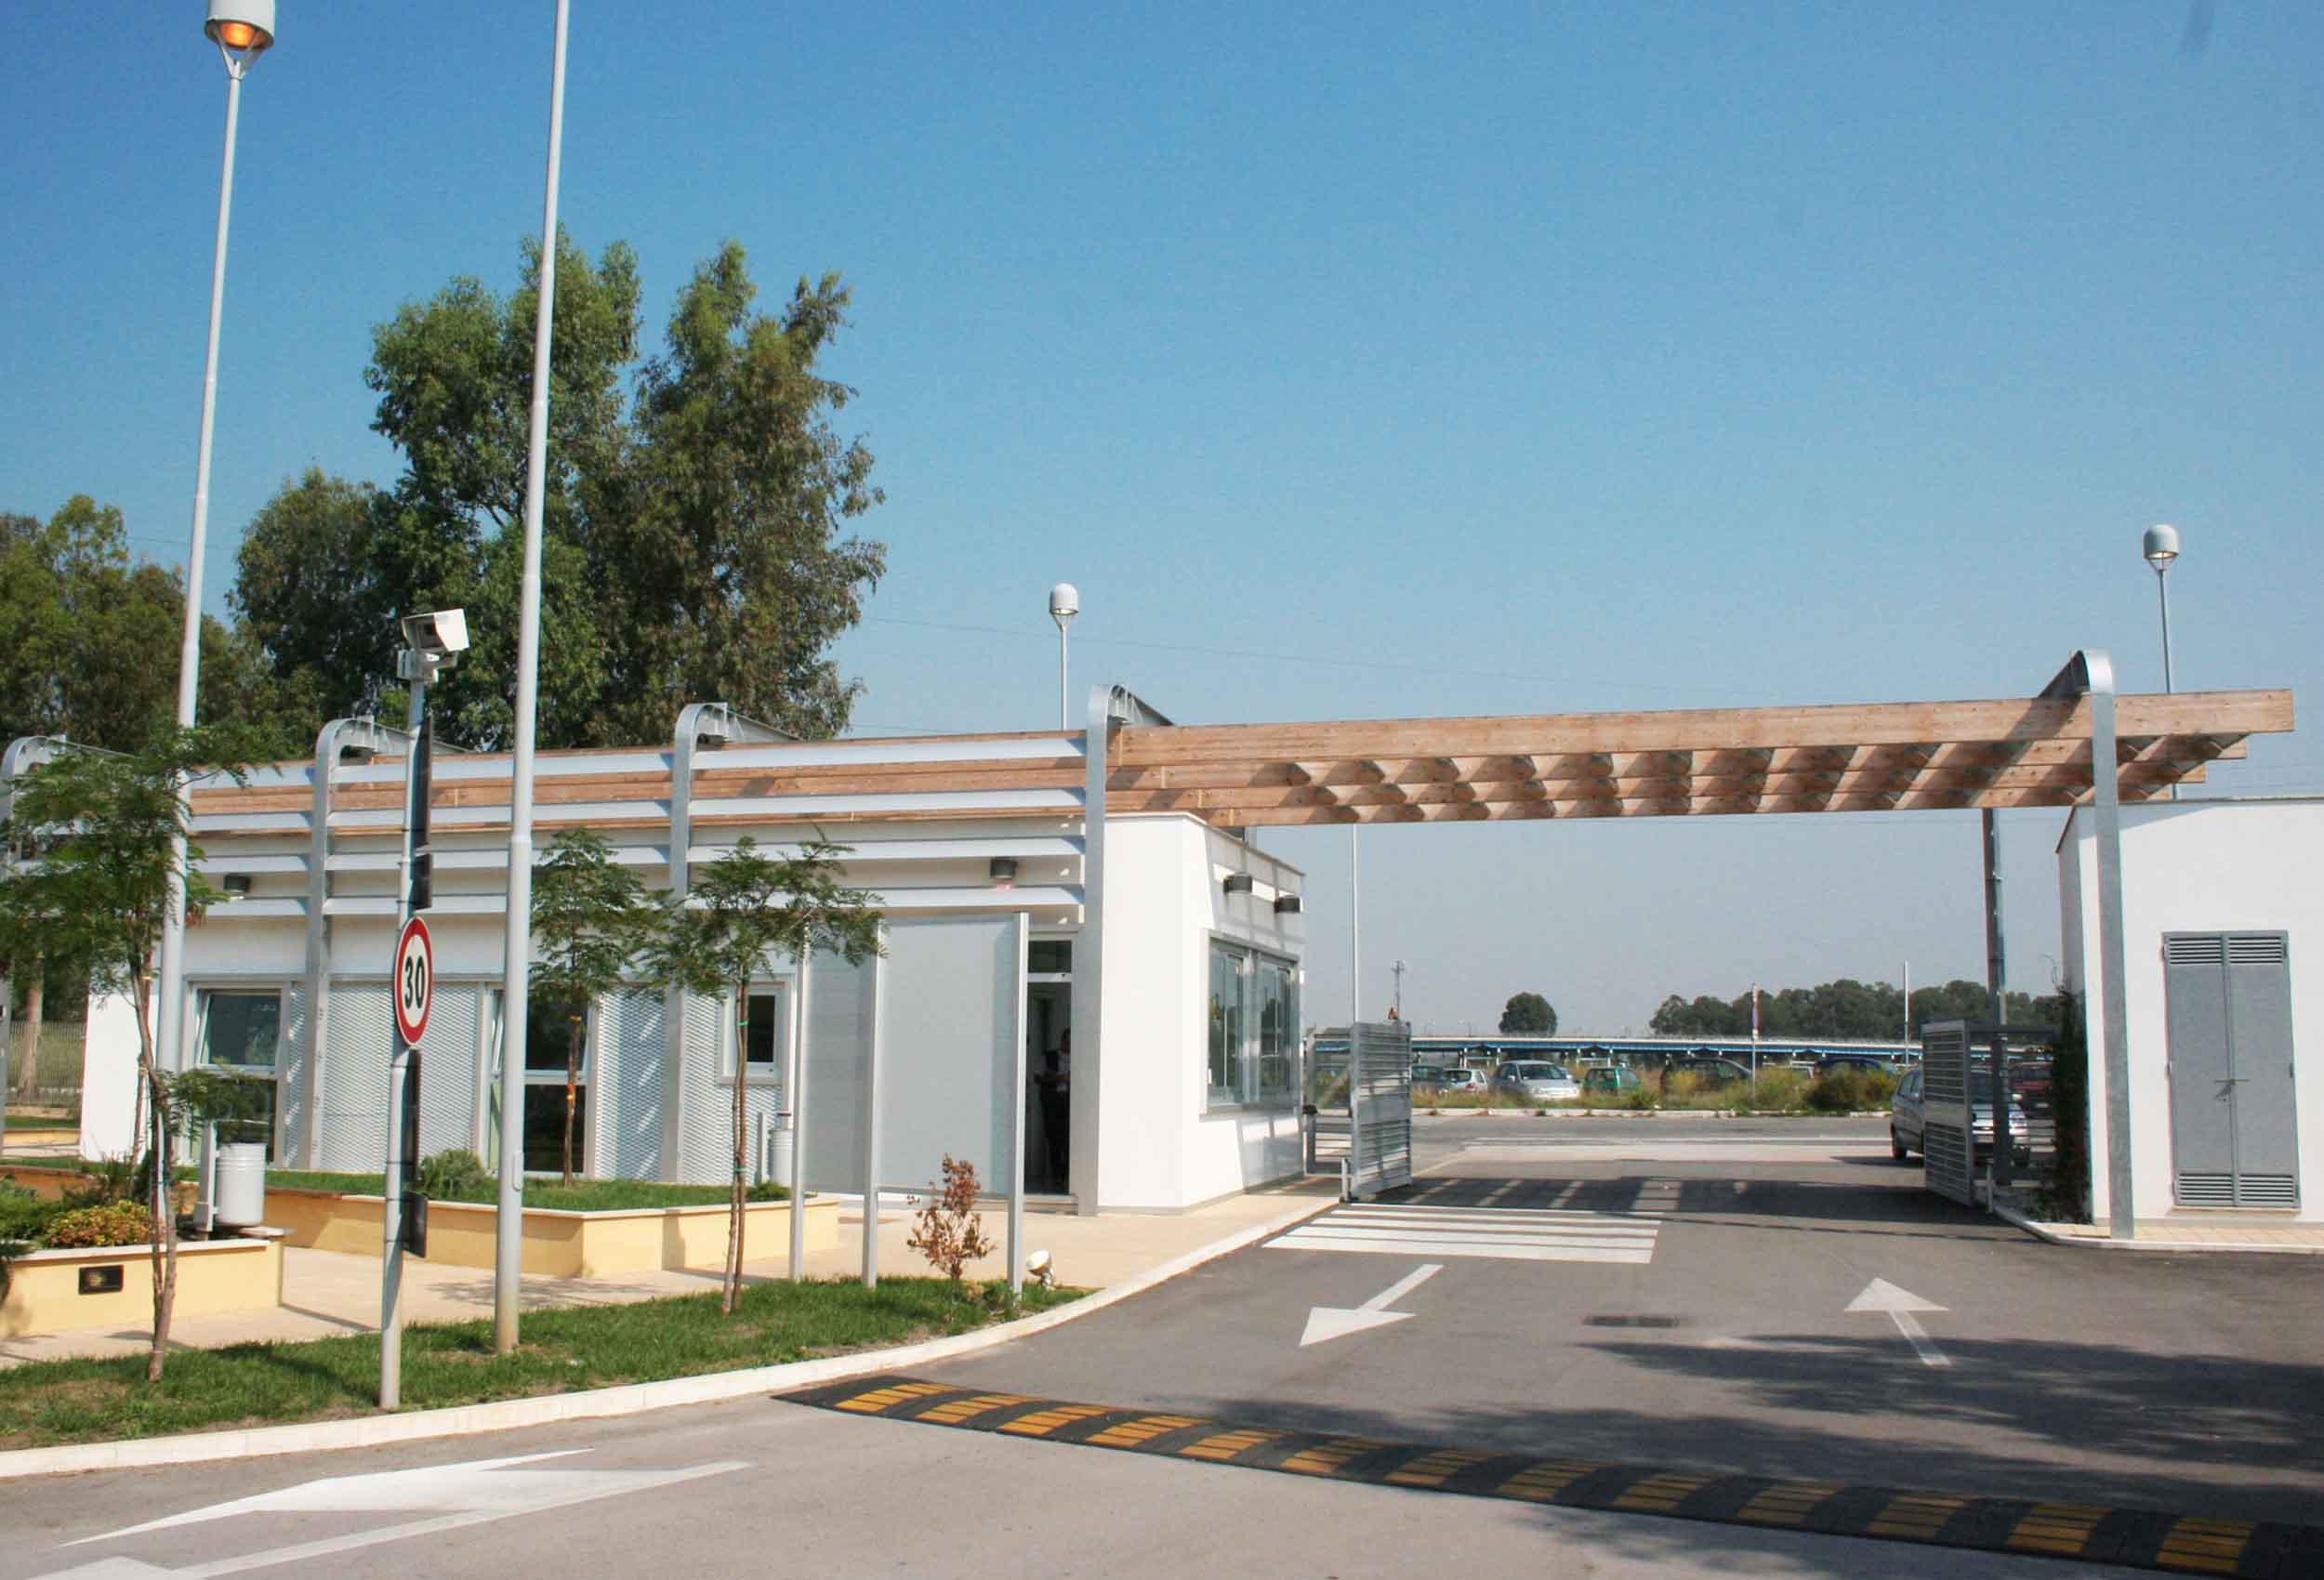 studio-architettura-uffici-roma-varchi-futuristici8